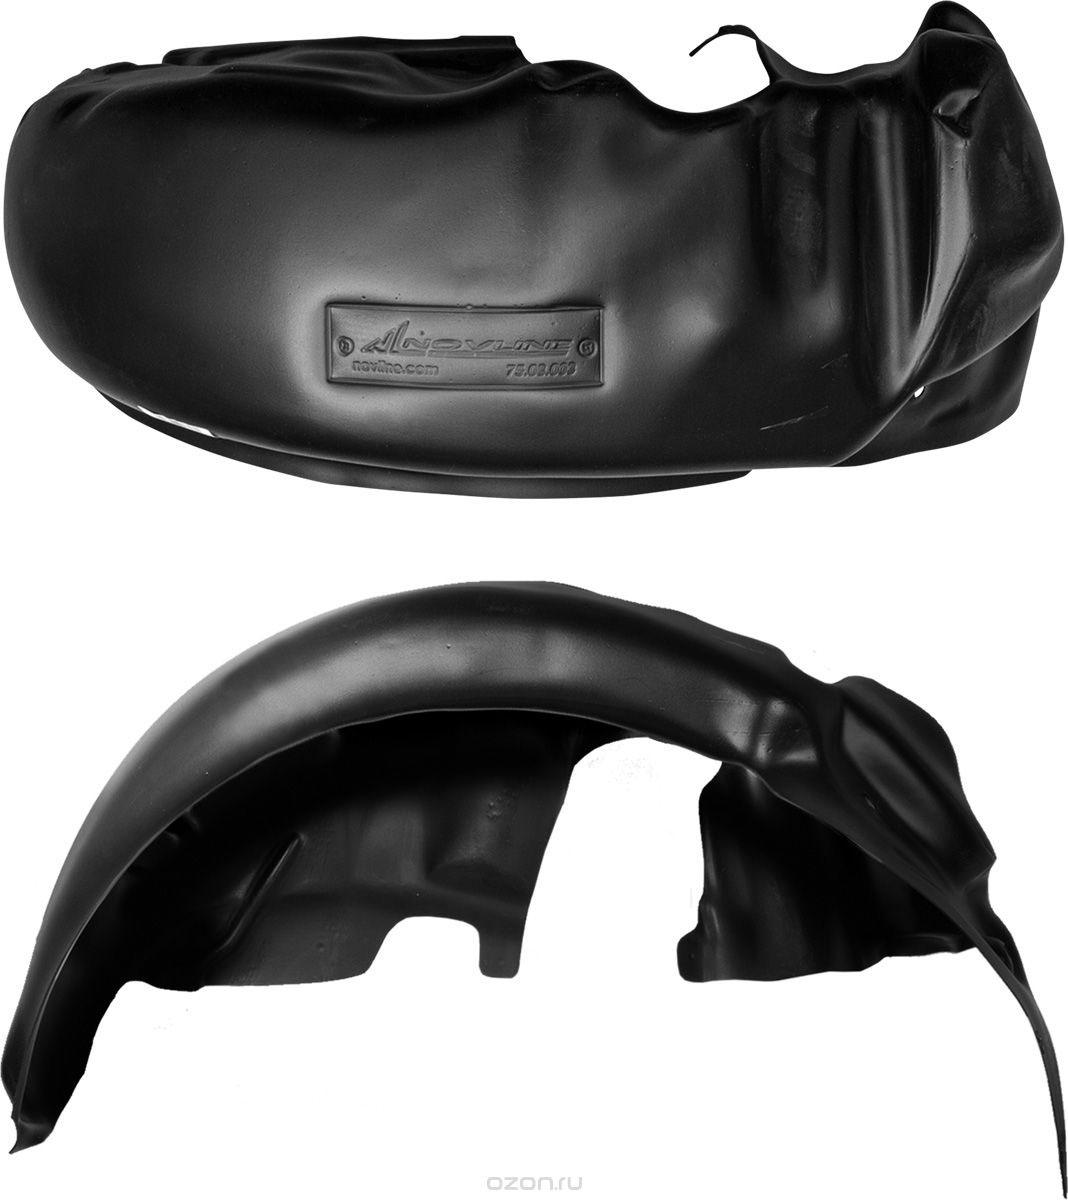 Подкрылок Novline-Autofamily, для Toyota Avensis, 2009->, задний правыйNLL.48.19.004Идеальная защита колесной ниши. Локеры разработаны с применением цифровых технологий, гарантируют максимальную повторяемость поверхности арки. Изделия устанавливаются без нарушения лакокрасочного покрытия автомобиля, каждый подкрылок комплектуется крепежом. Уважаемые клиенты, обращаем ваше внимание, что фотографии на подкрылки универсальные и не отражают реальную форму изделия. При этом само изделие идет точно под размер указанного автомобиля.